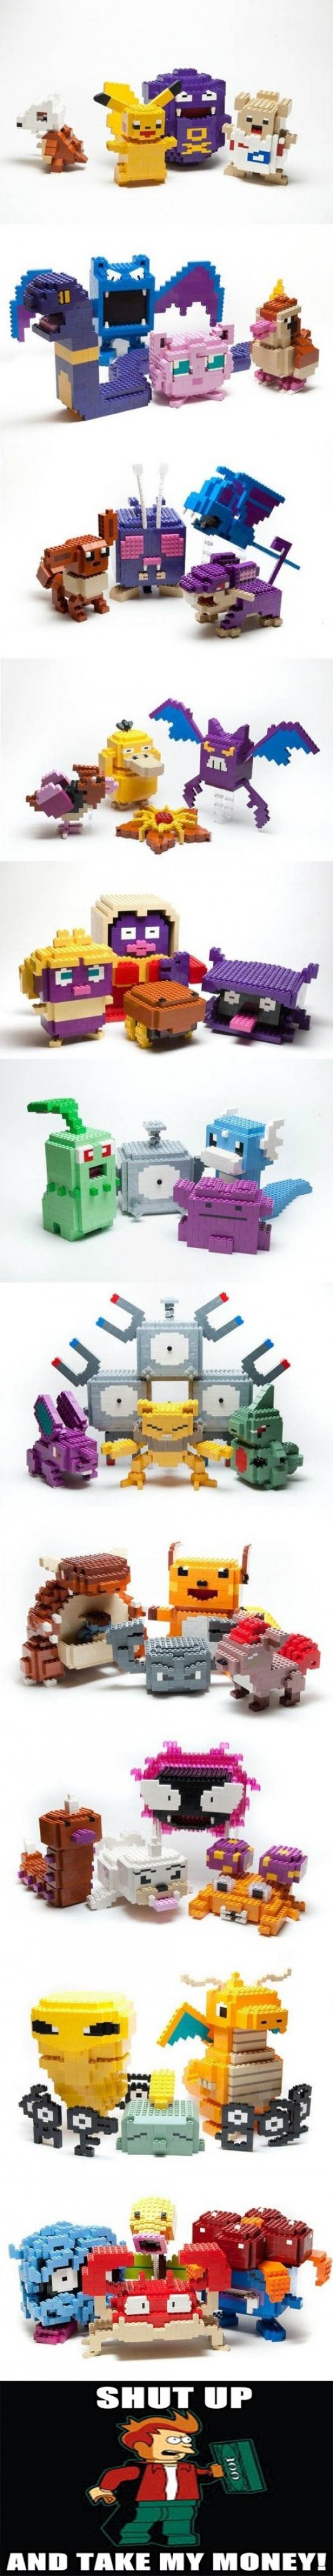 construcción,construir,figuras,fry,increibles,Lego,legos,pokemon